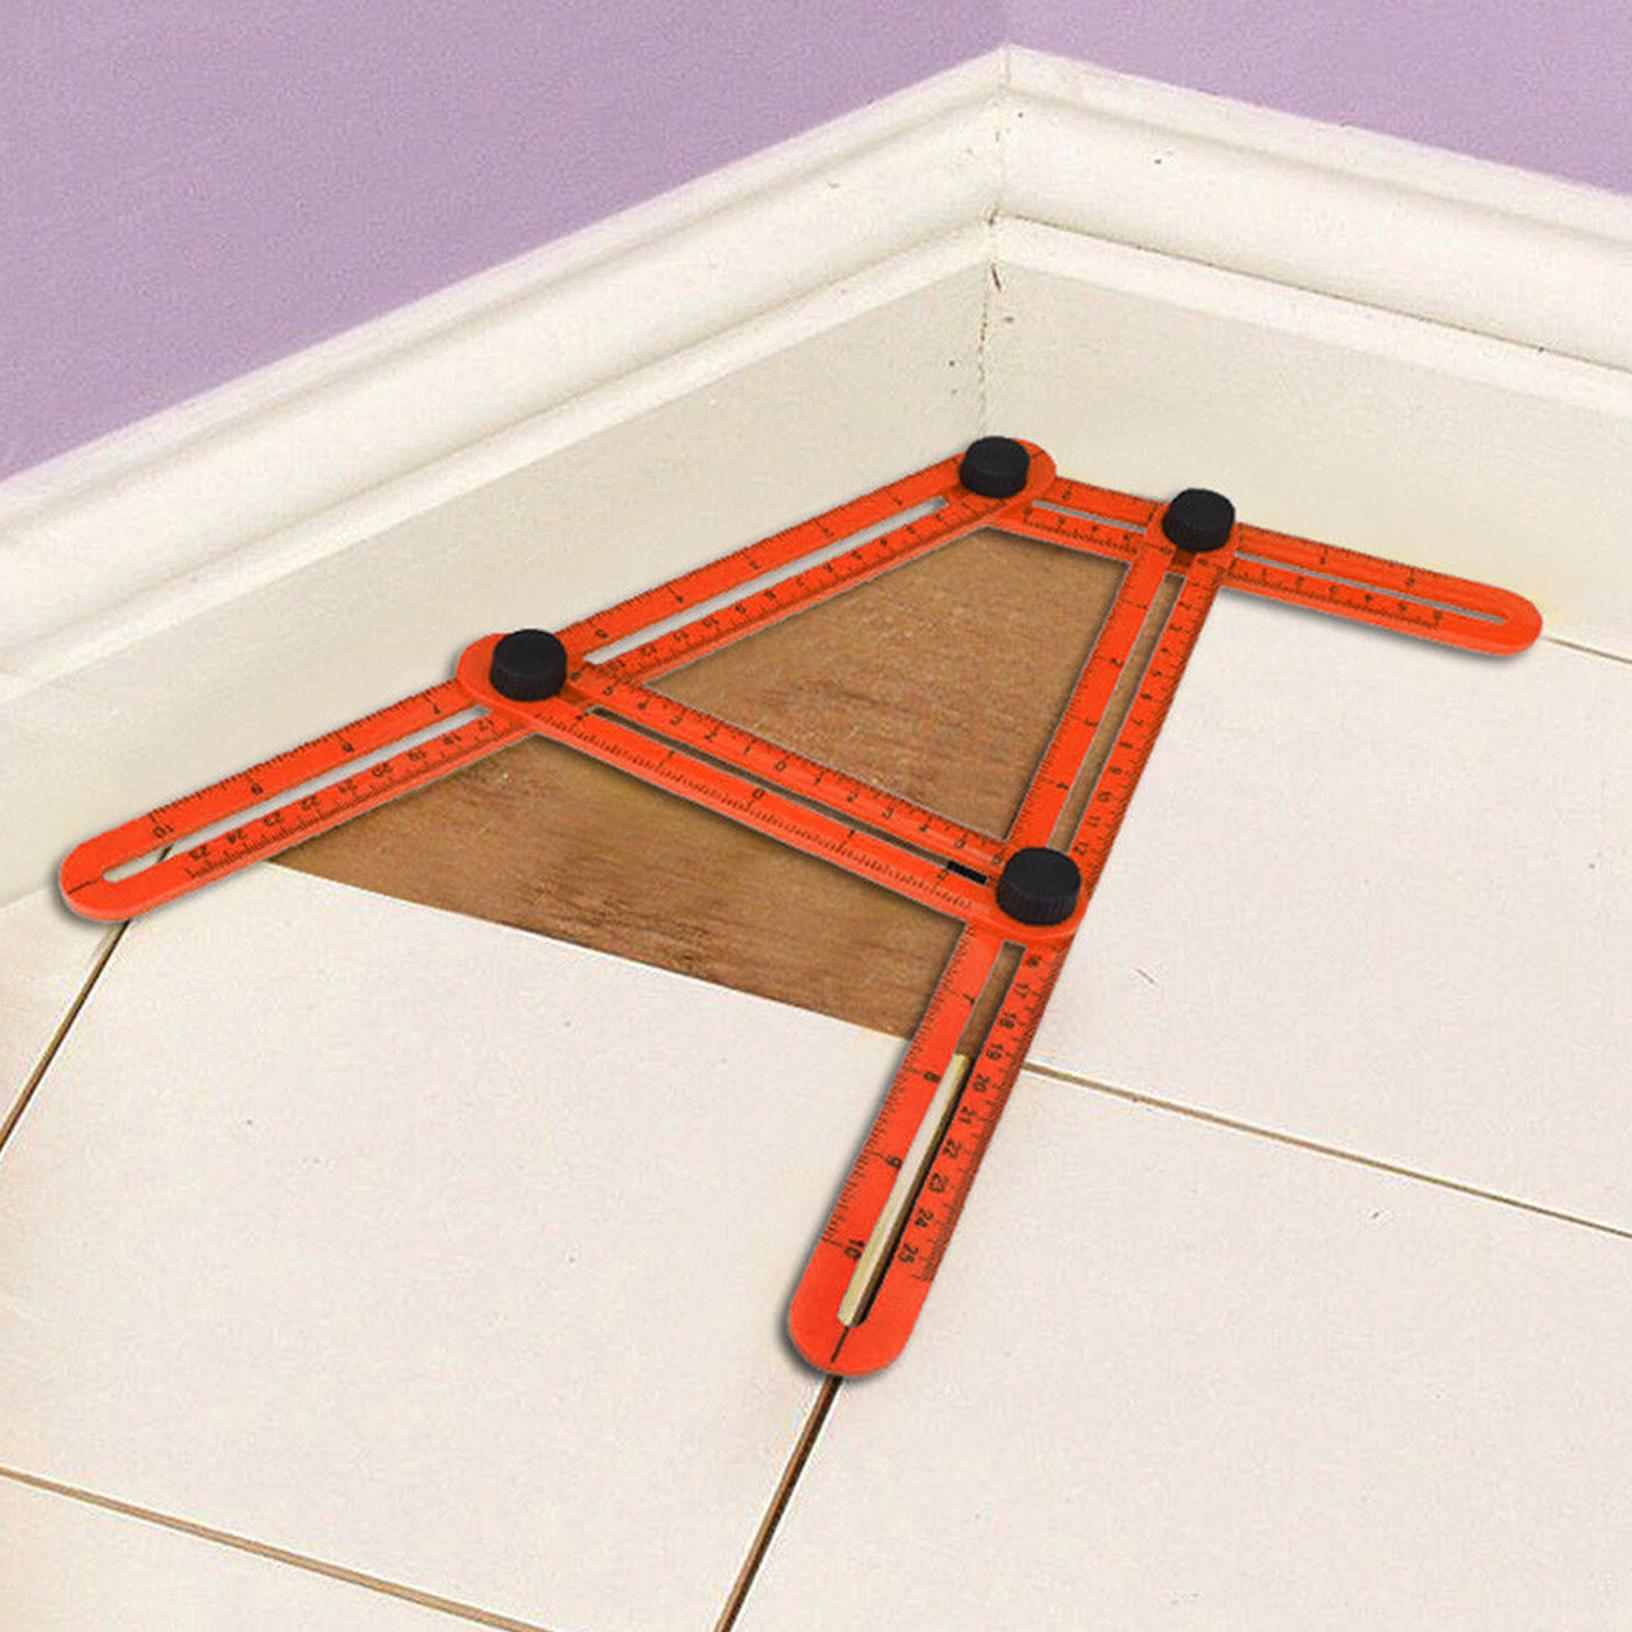 plastique composite pliant r gle multi angle quatre outil. Black Bedroom Furniture Sets. Home Design Ideas